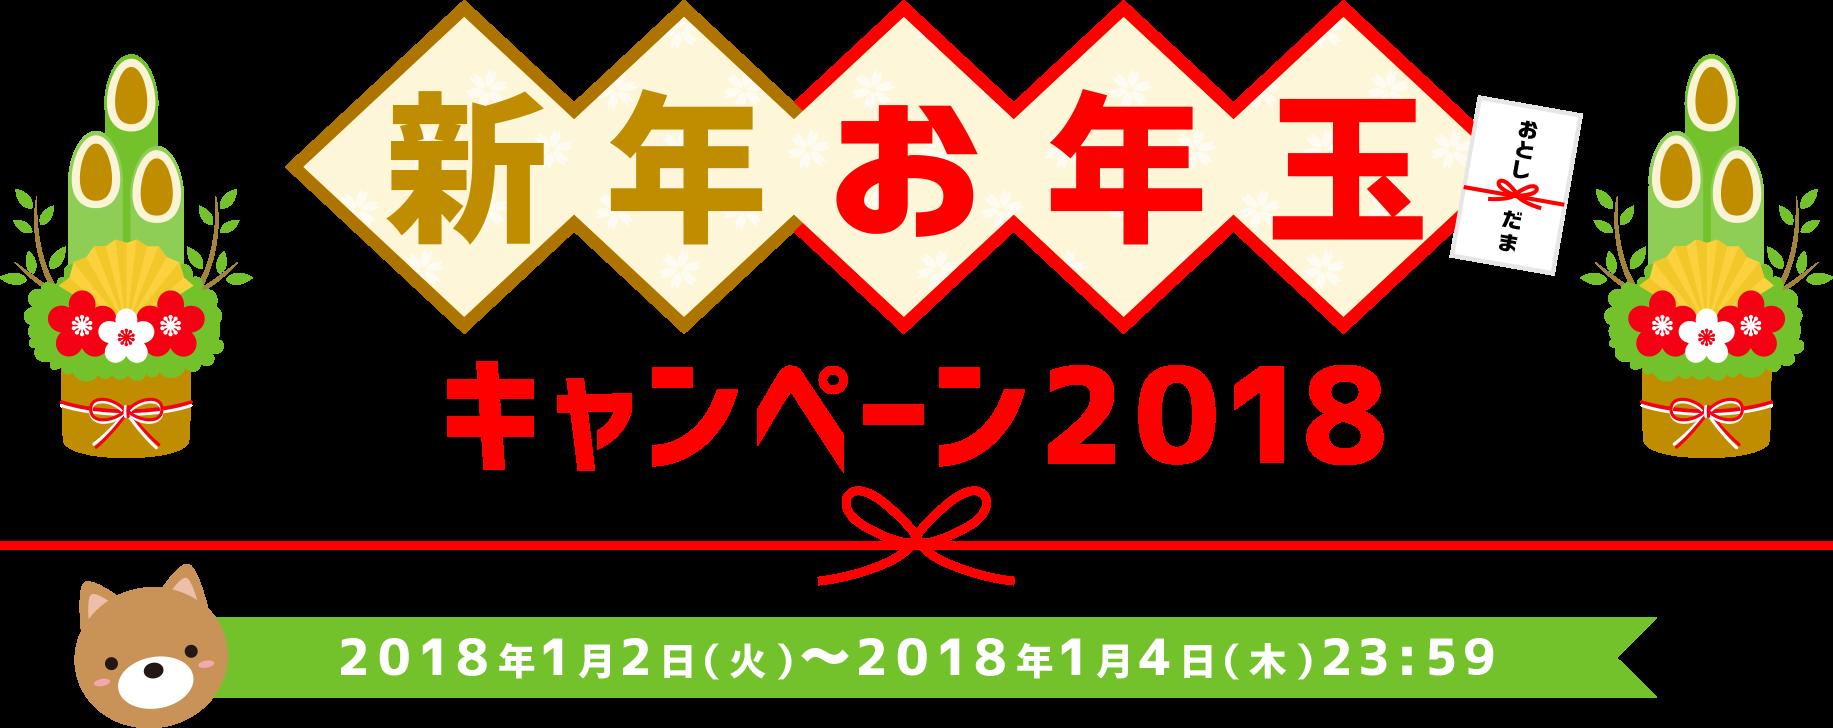 新年お年玉キャンペーン2018 2018年1月2日(火)〜2018年1月4日(木)23:59